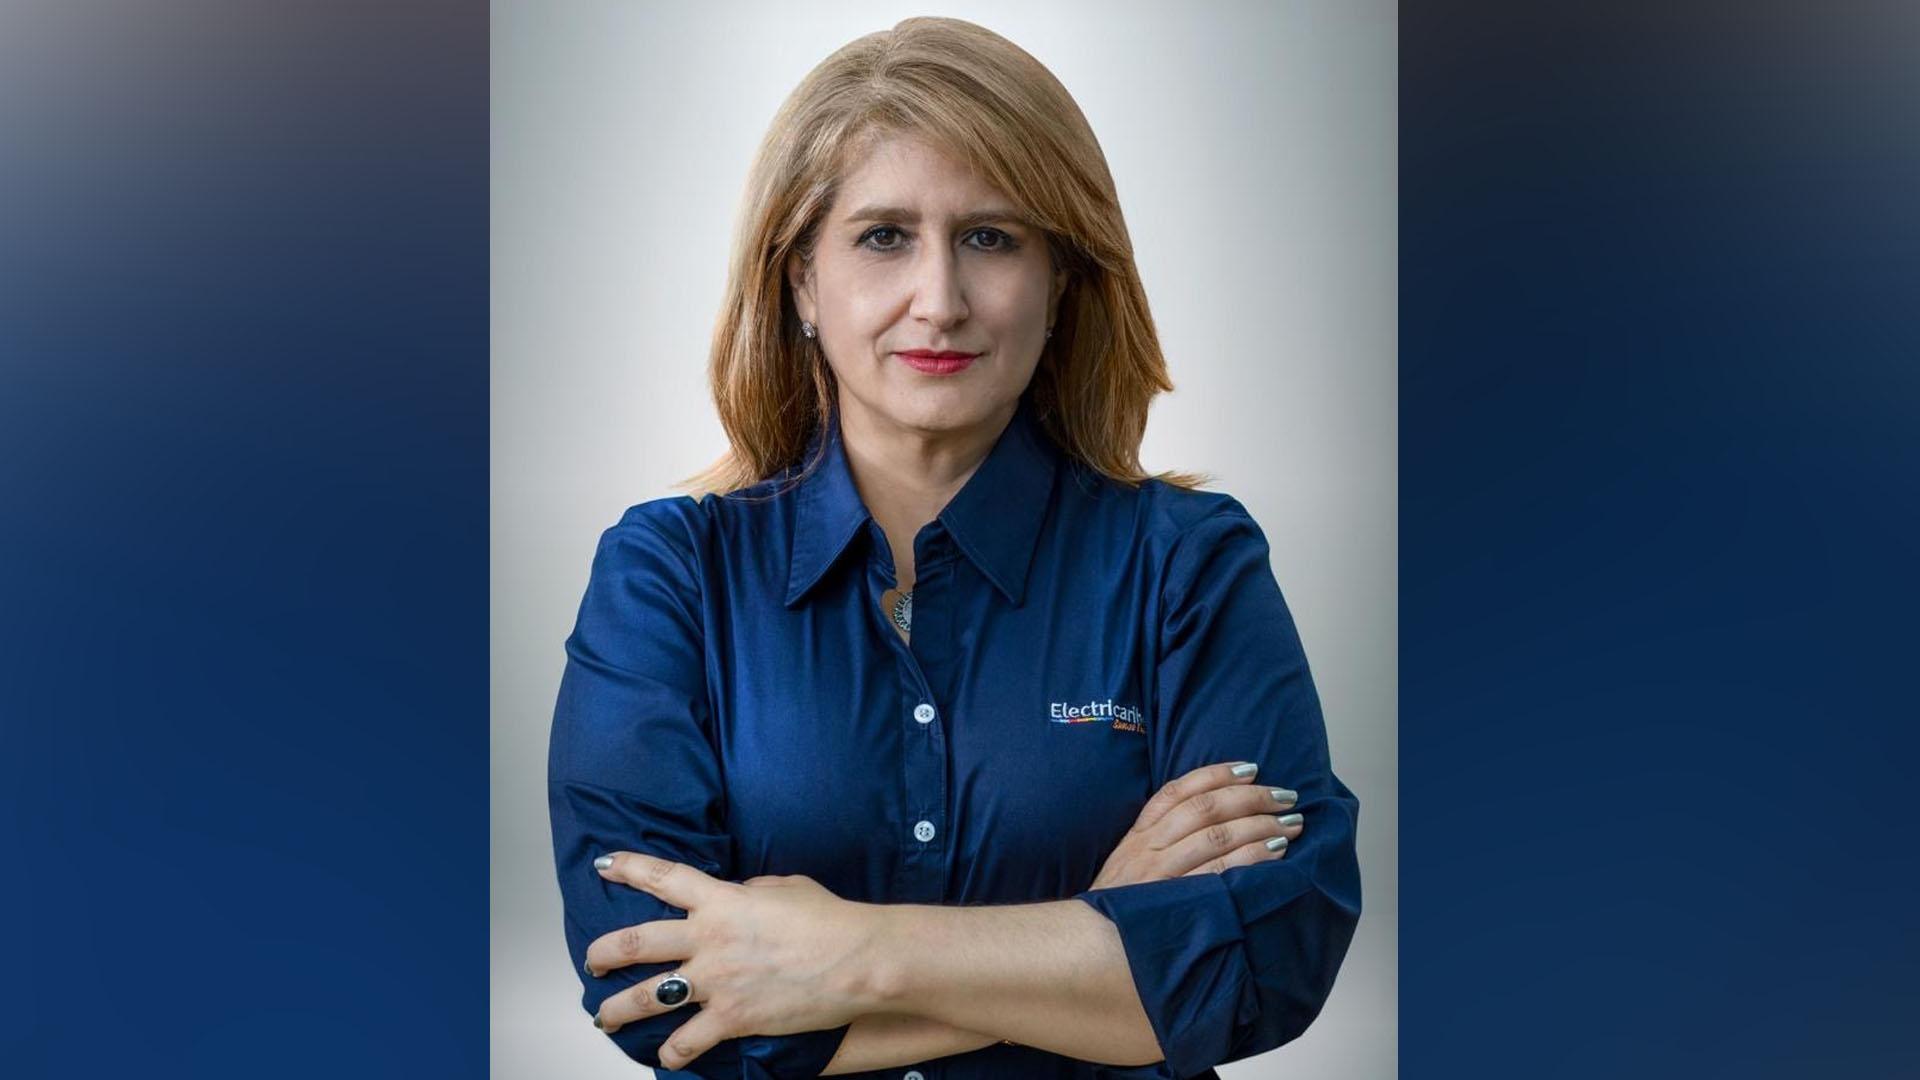 Ángela Patricia Rojas Combariza, Agente Especial de Electricaribe.